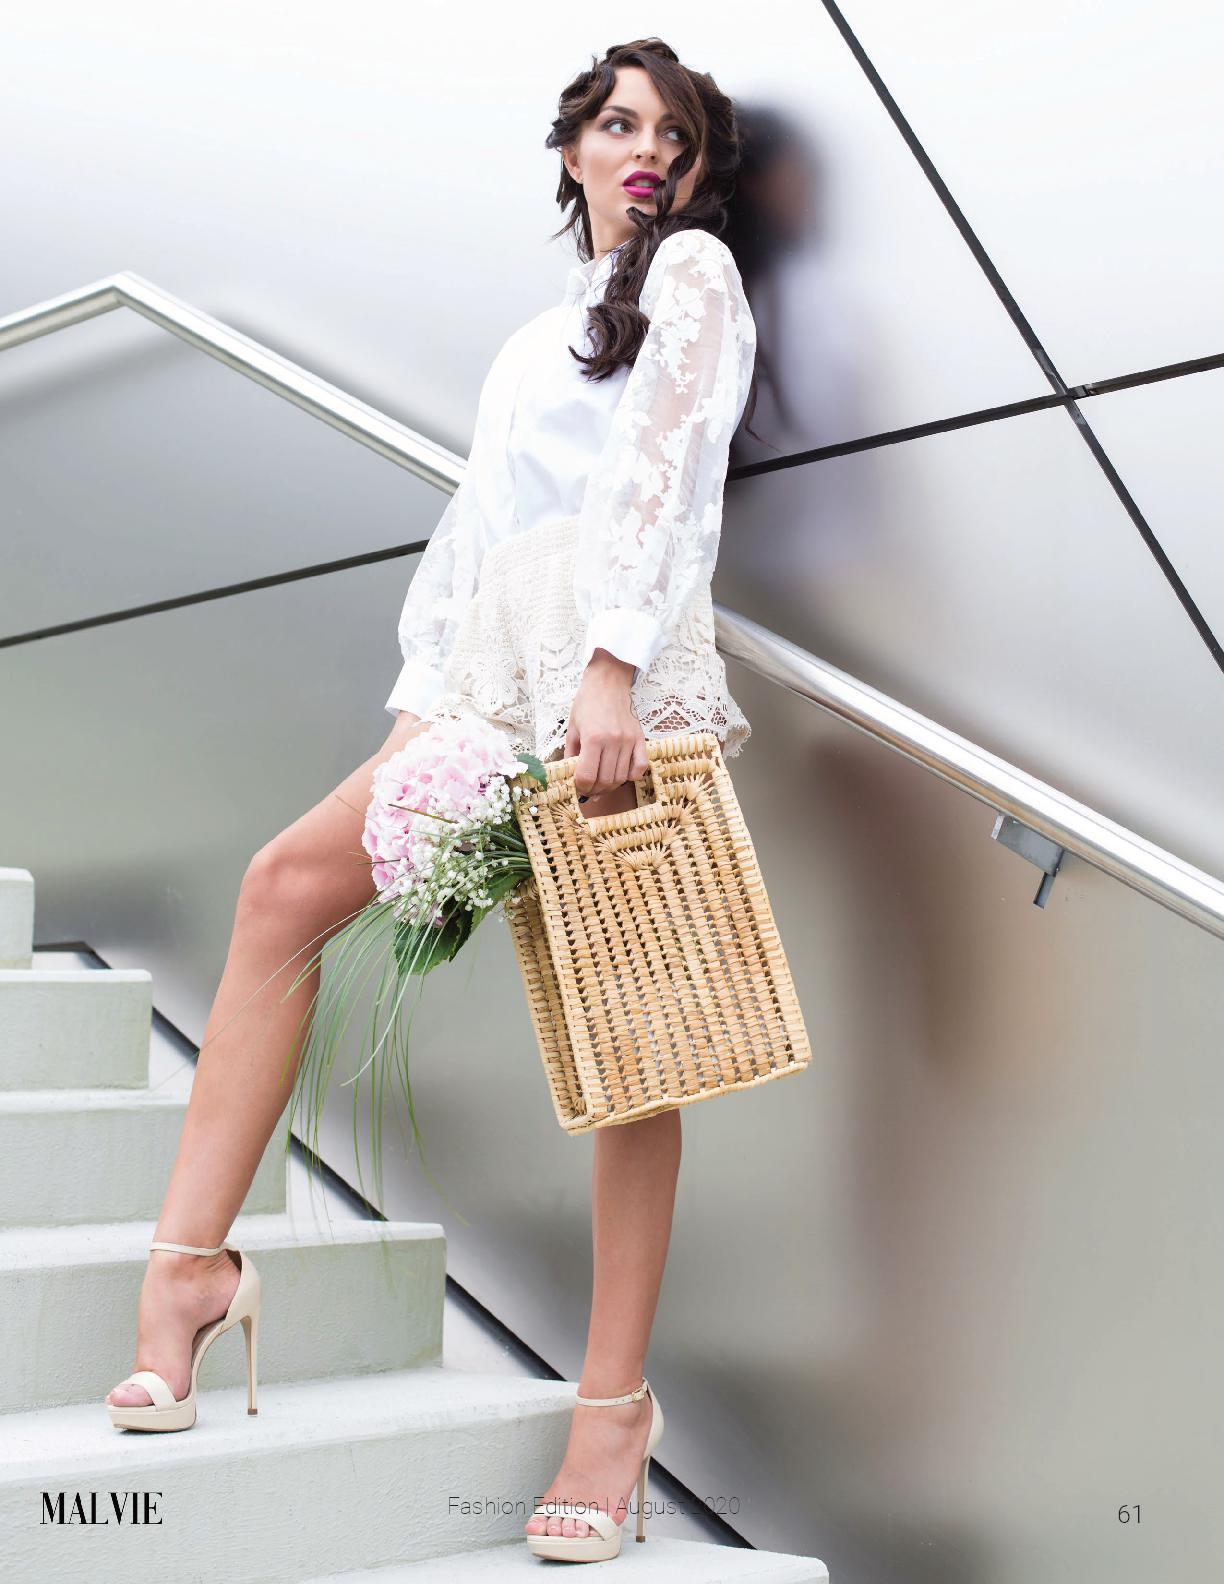 MALVIE PARIS, August 2020 Vol. 08 - Fashion Stylist: Vesna Resch